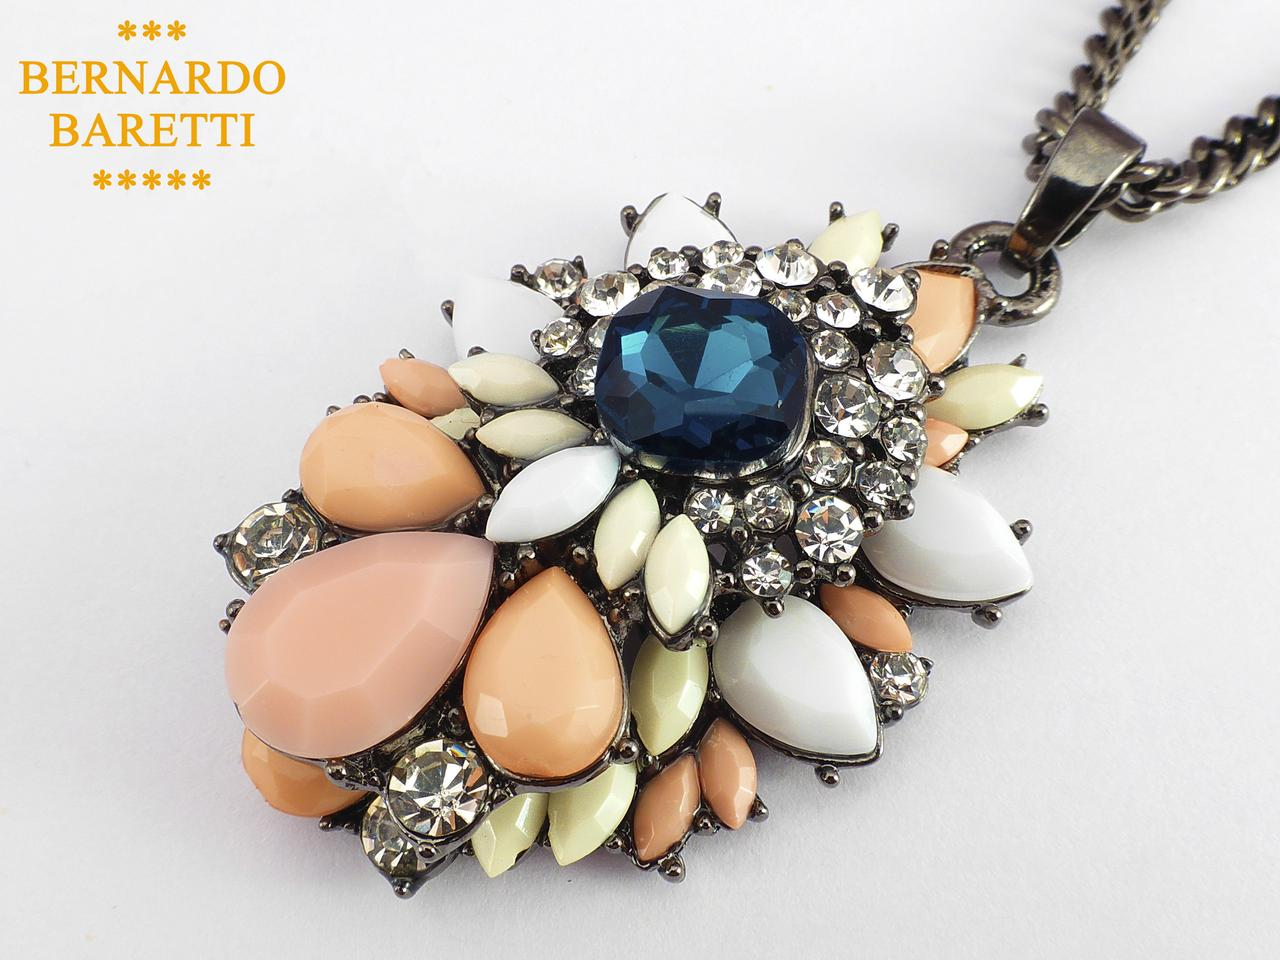 Підвіска BERNARDO BARETTI з різнокольоровими каменями (K001)